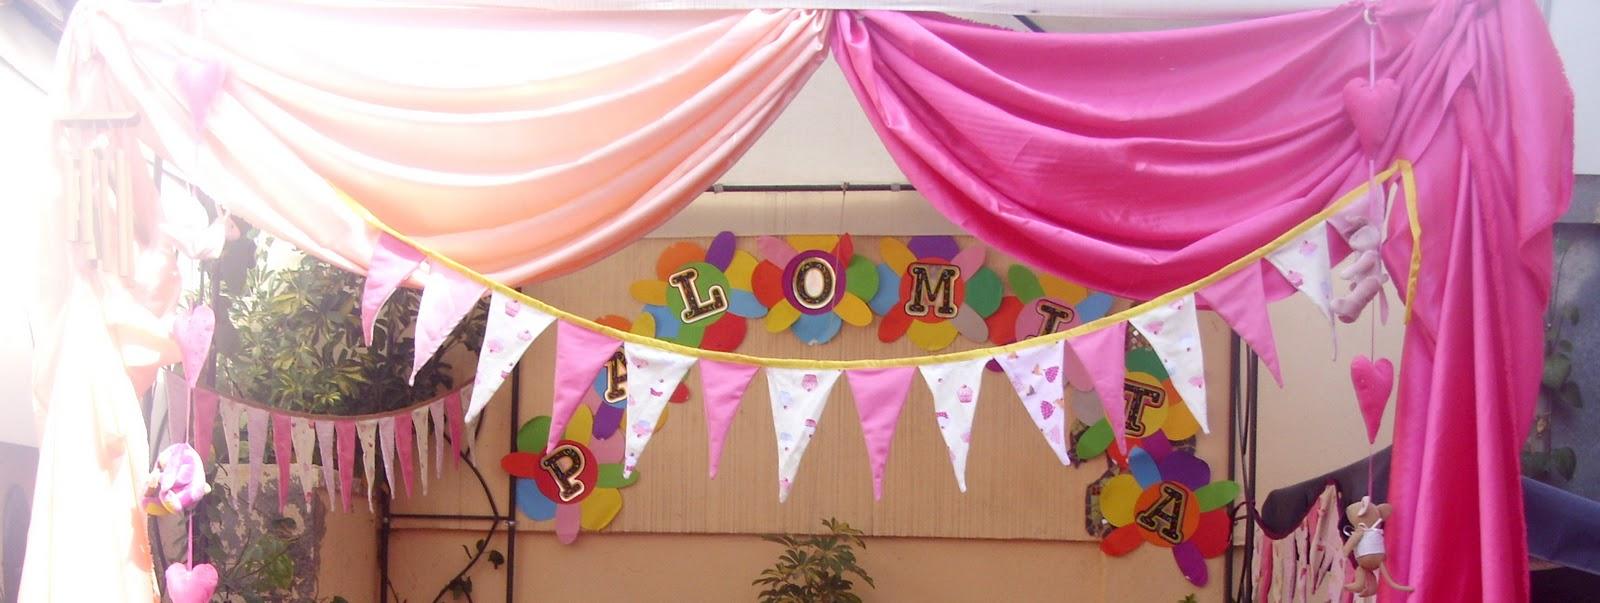 stand decorado con telas